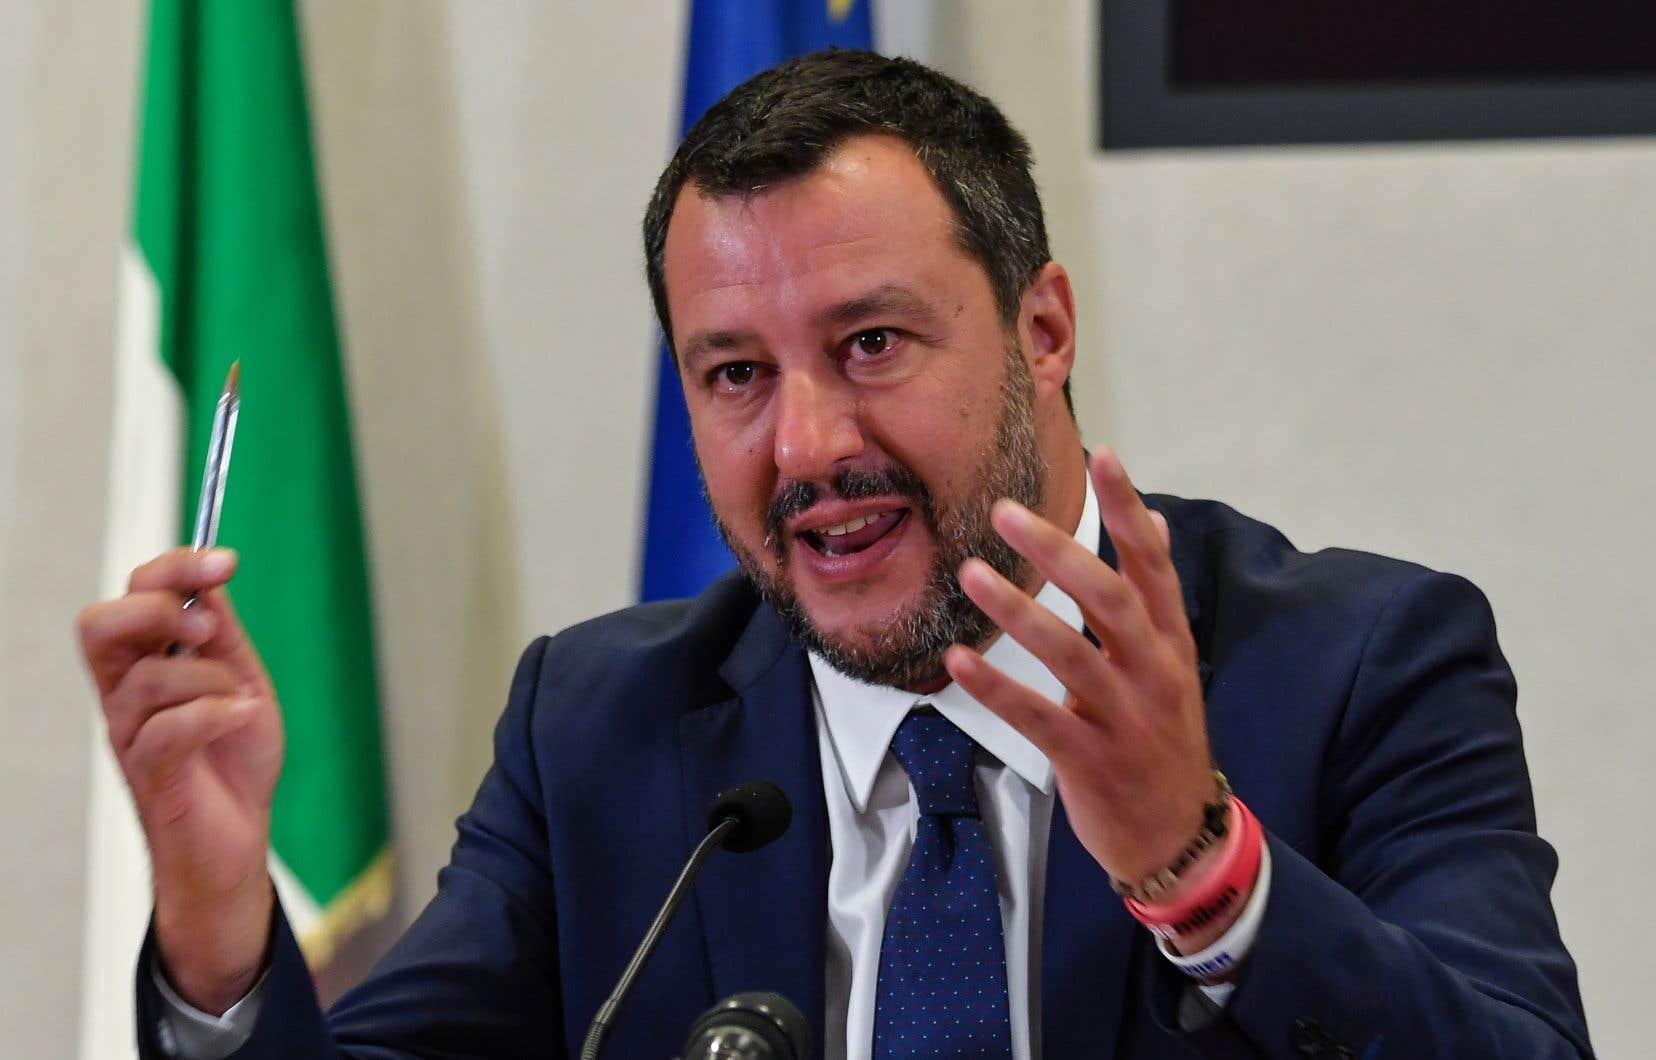 Le vice-premier ministre et chef de la Ligue,Matteo Salvini